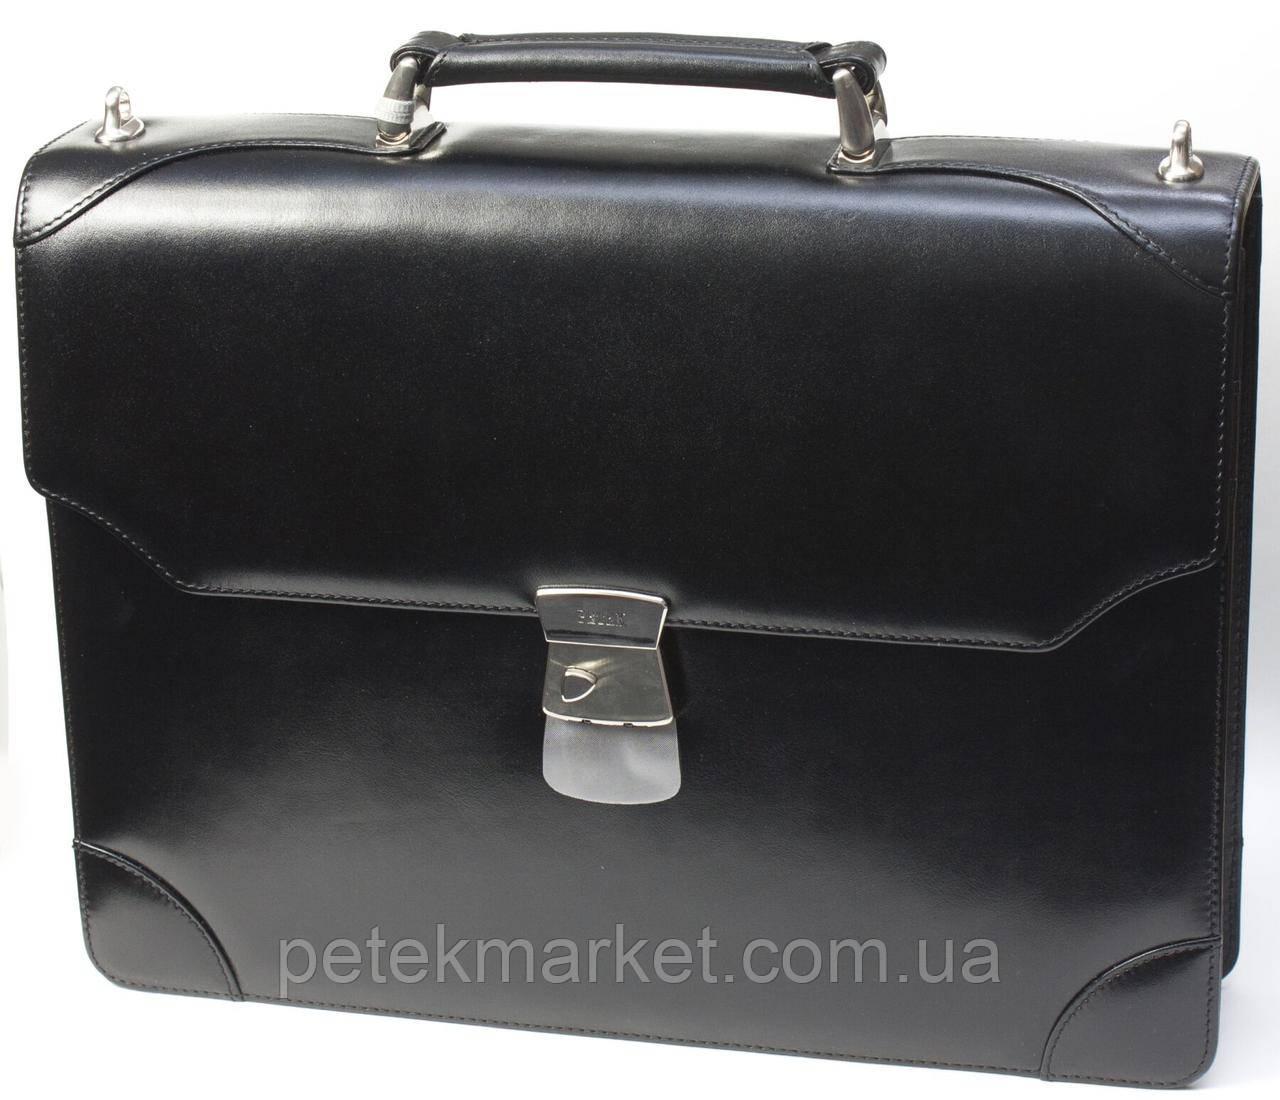 Кожаный портфель Petek 826